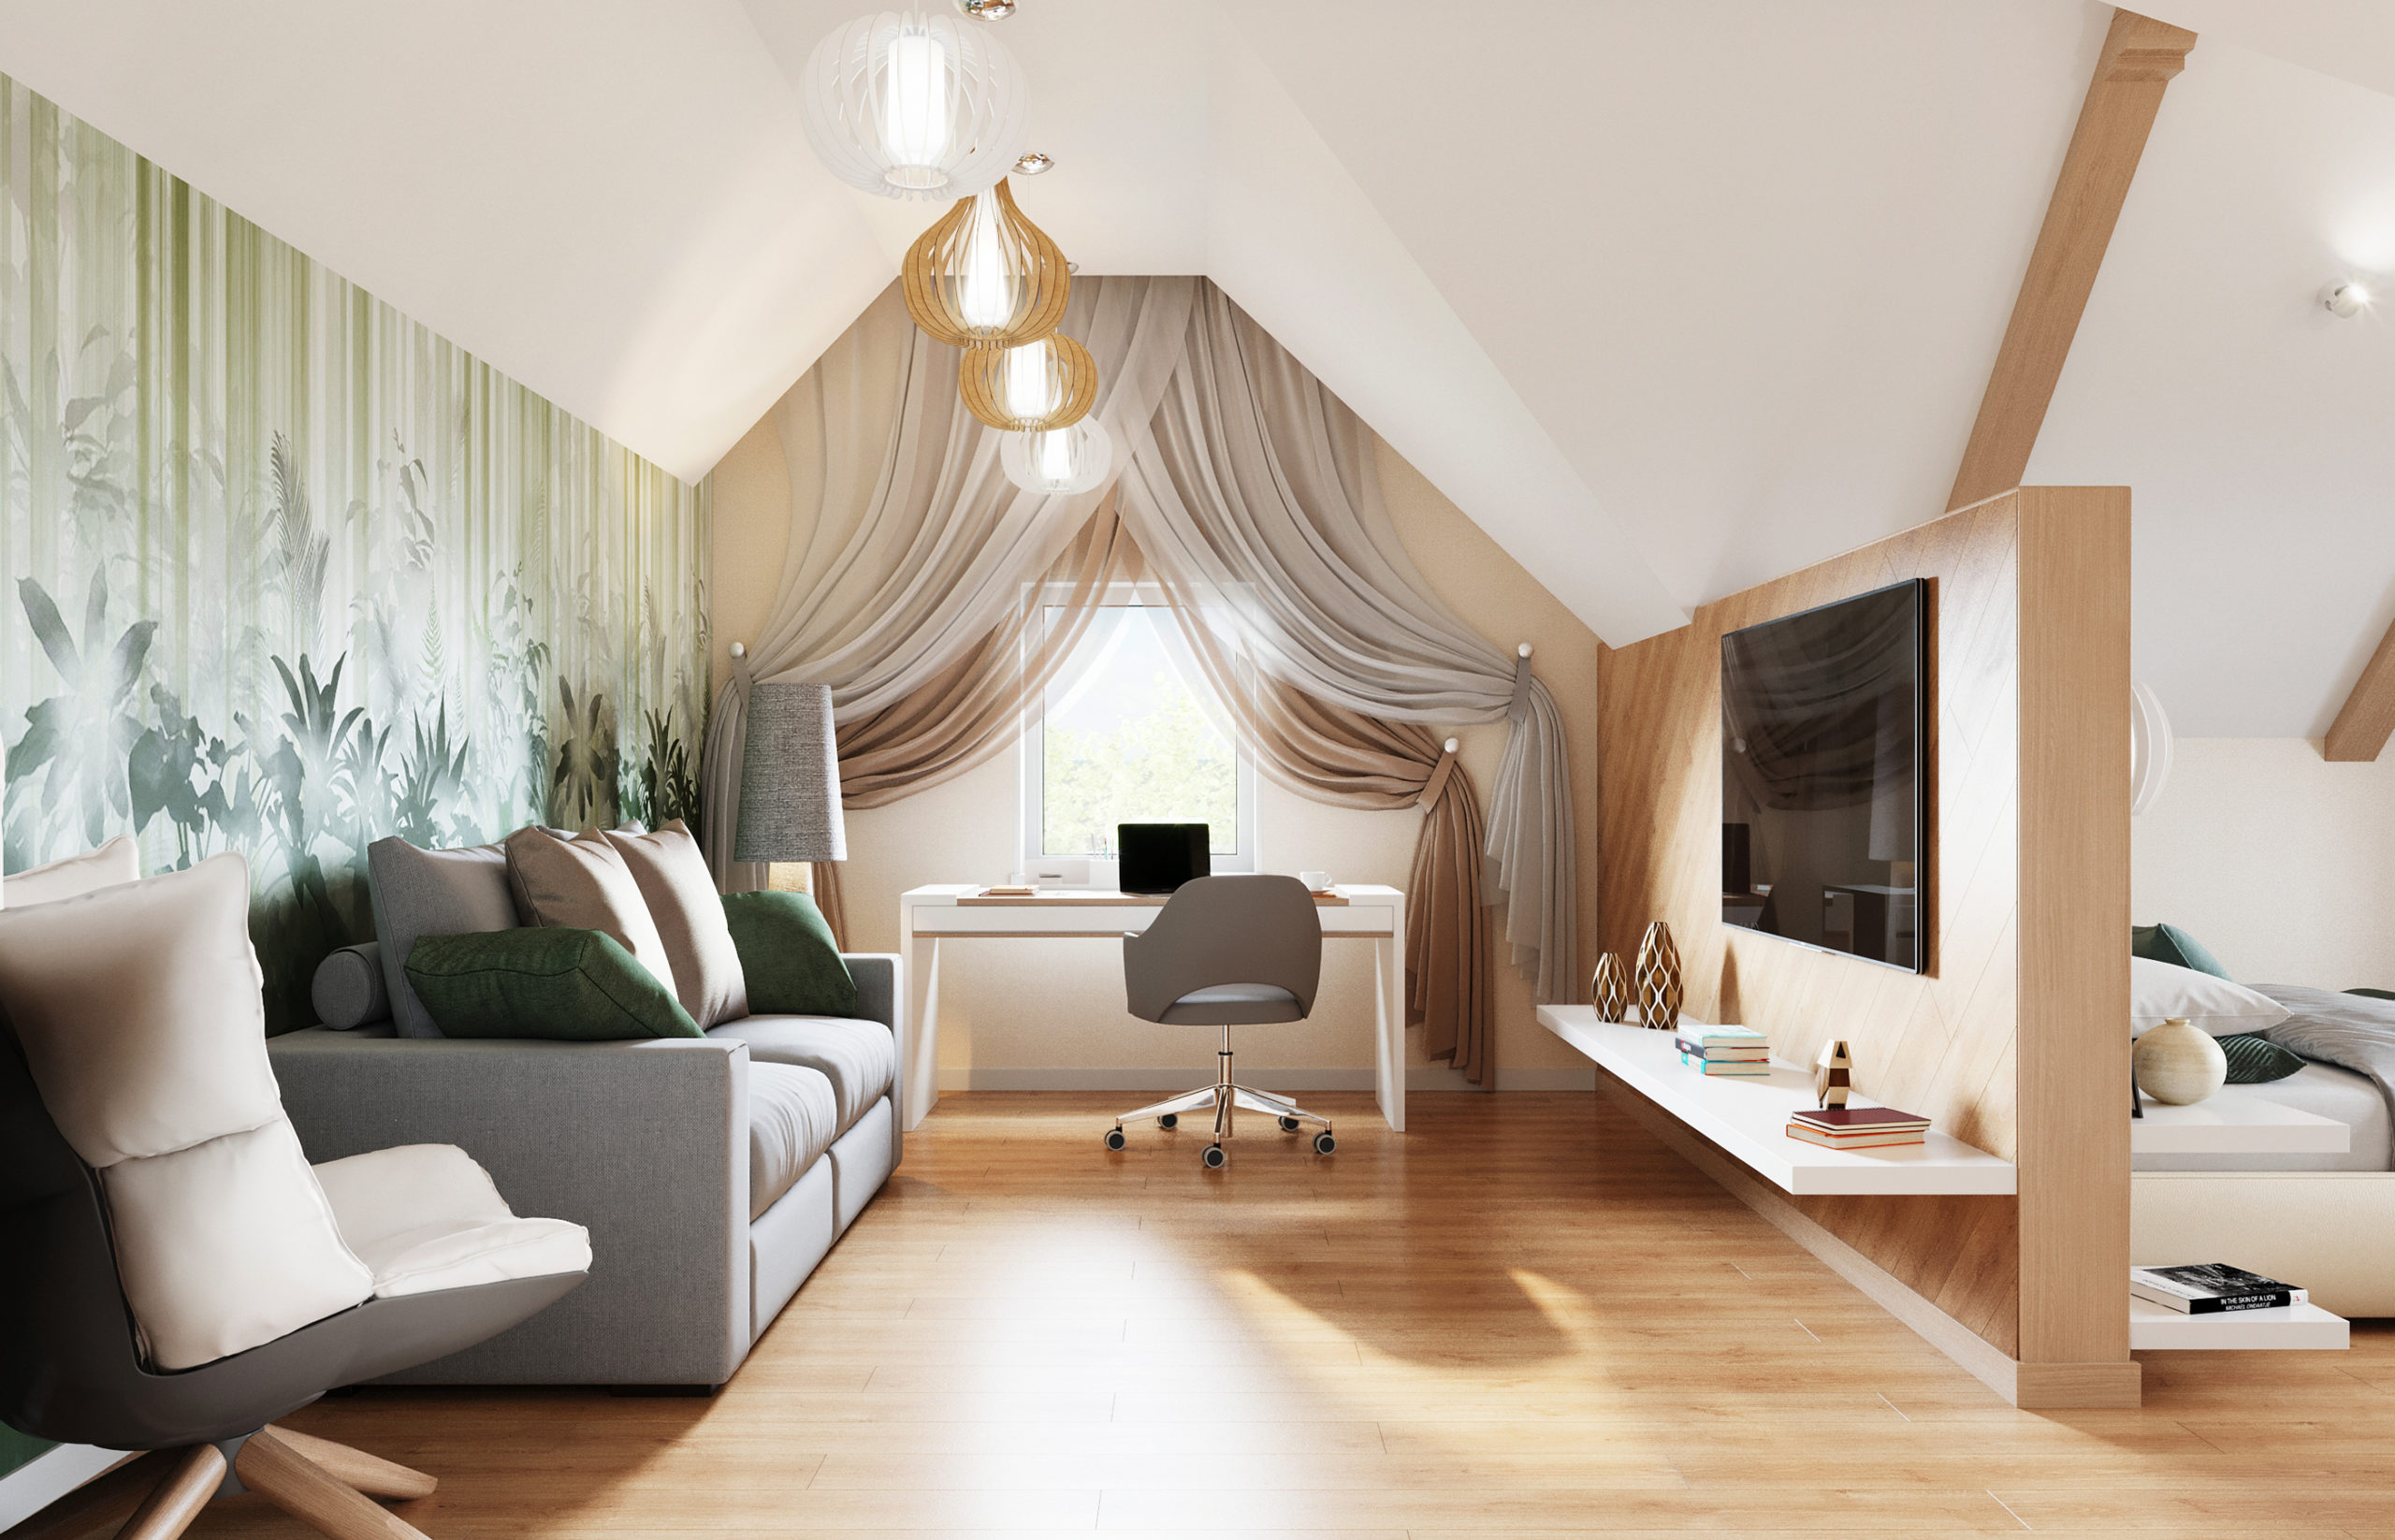 Комната молодого человека поделена на зону отдыха и рабочий кабинет